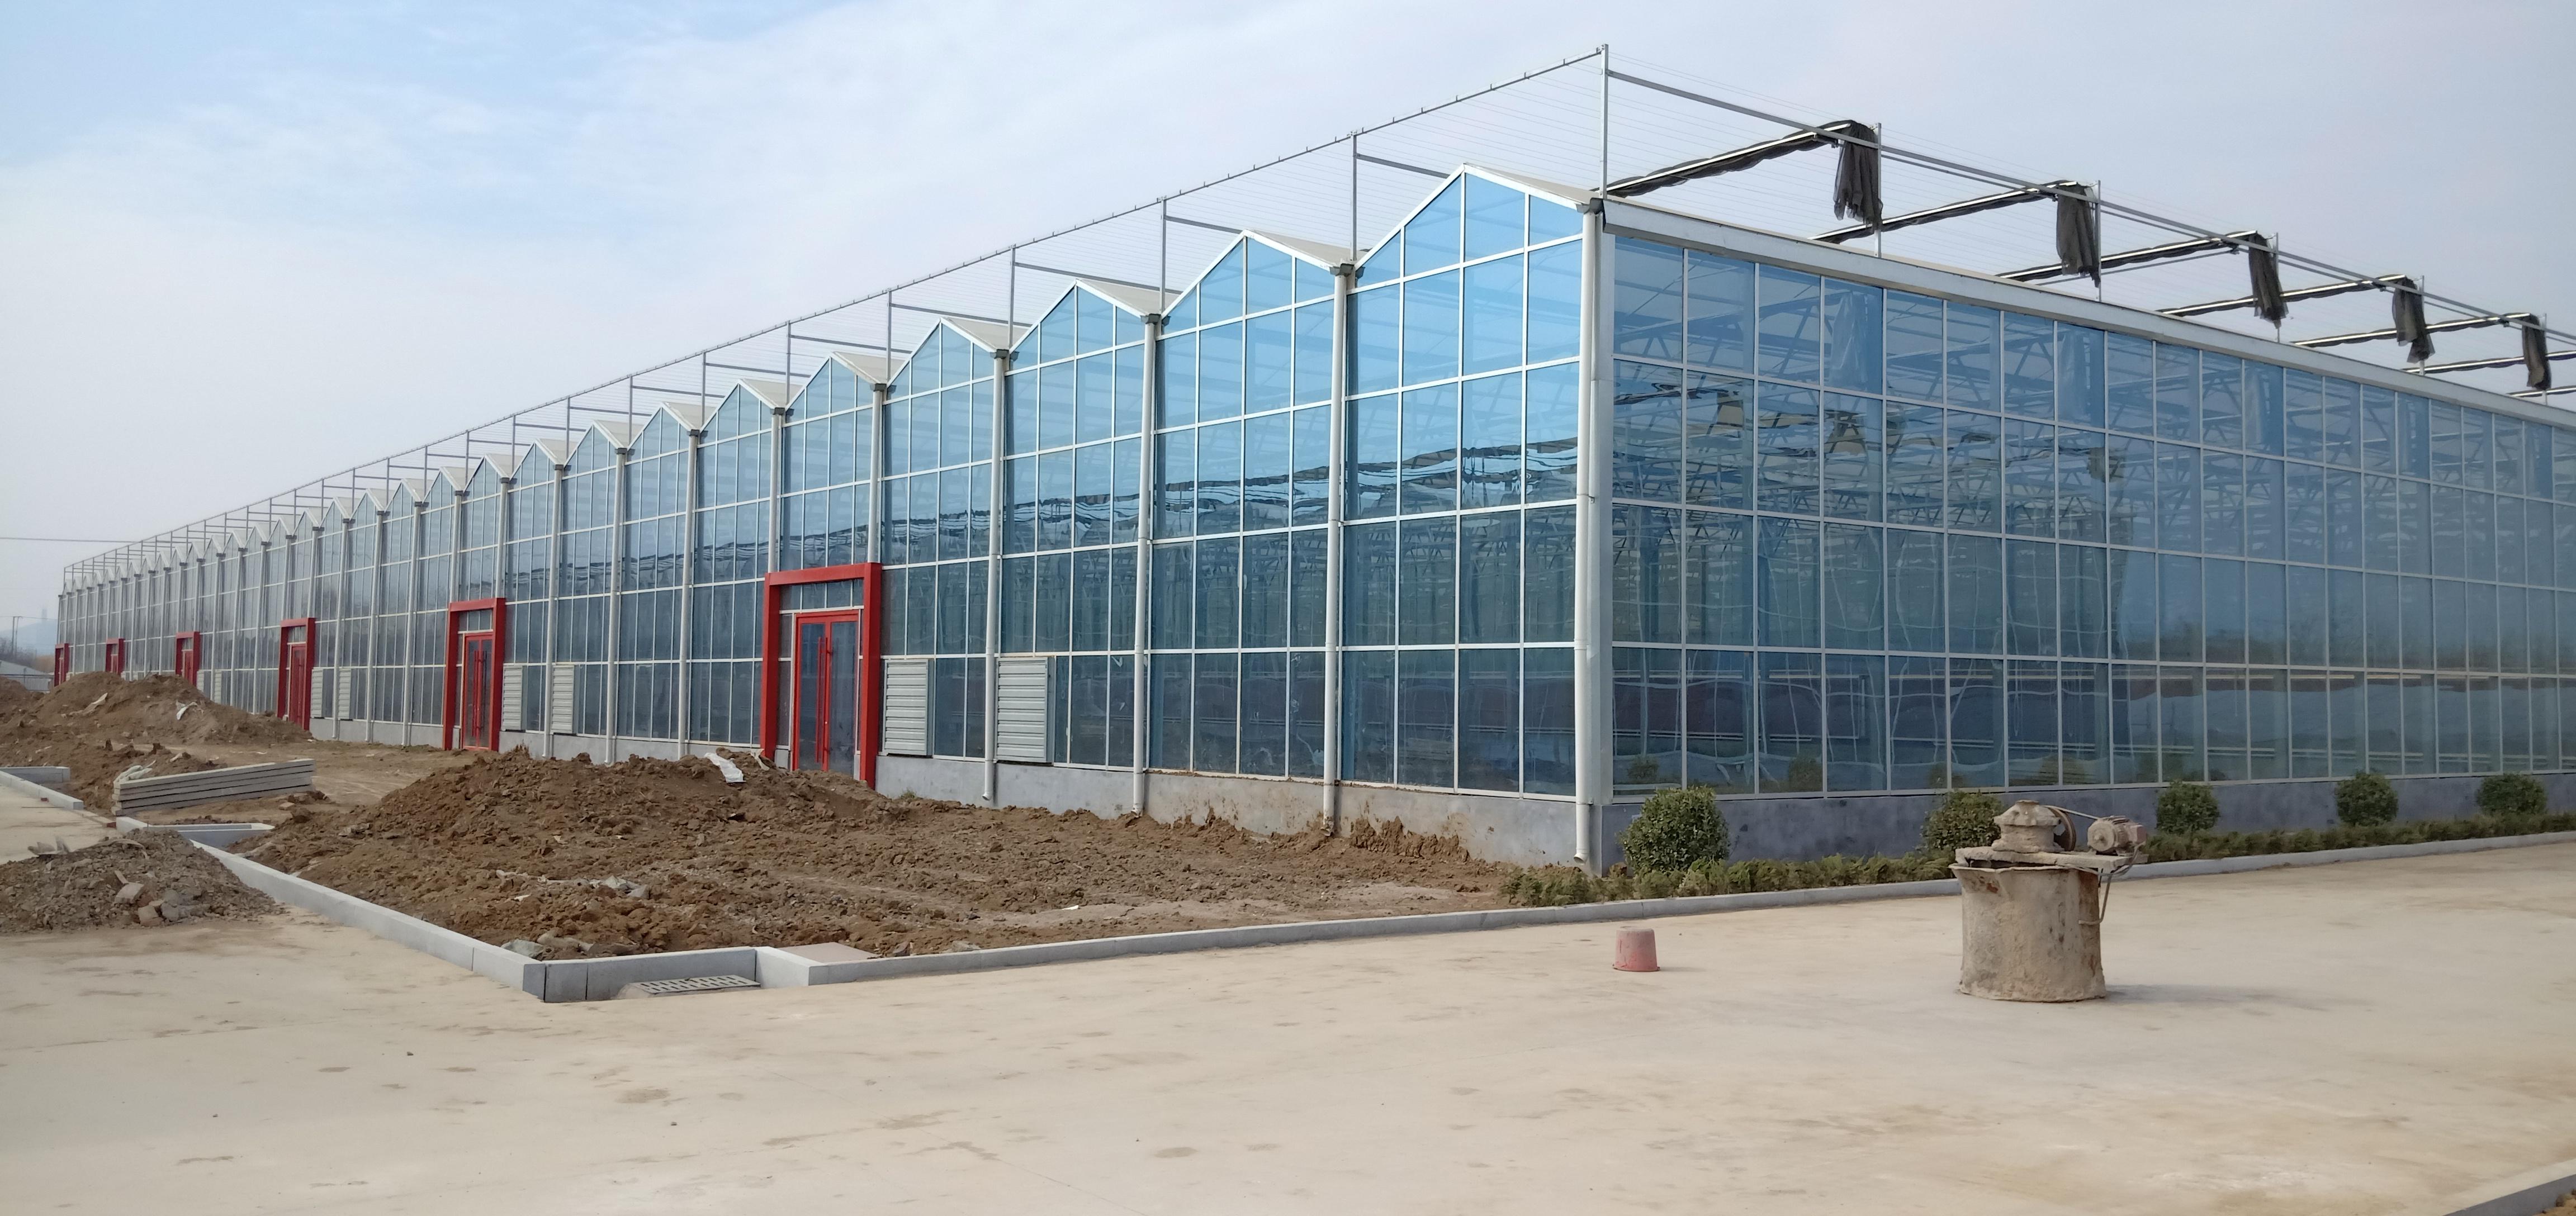 全玻璃温室大棚价格是多少?建造全玻璃温室大棚注意事项哪些